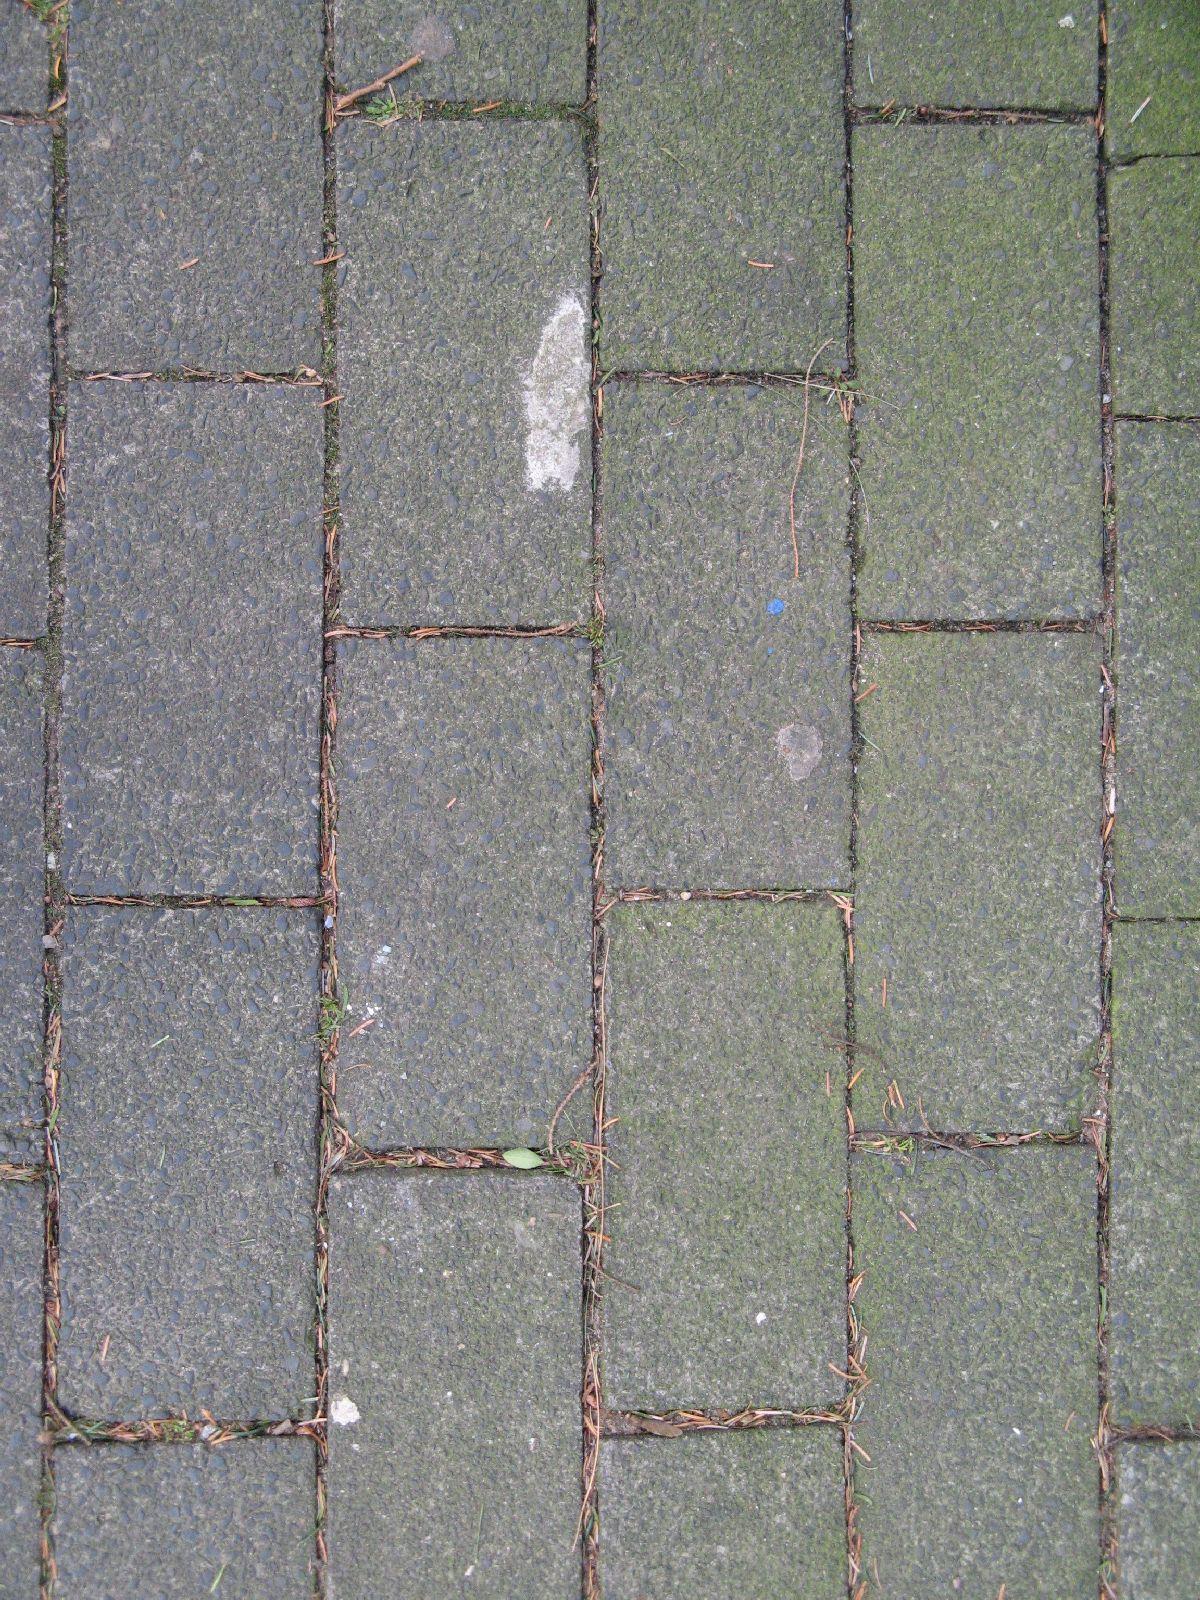 Ground-Urban_Texture_B_02972